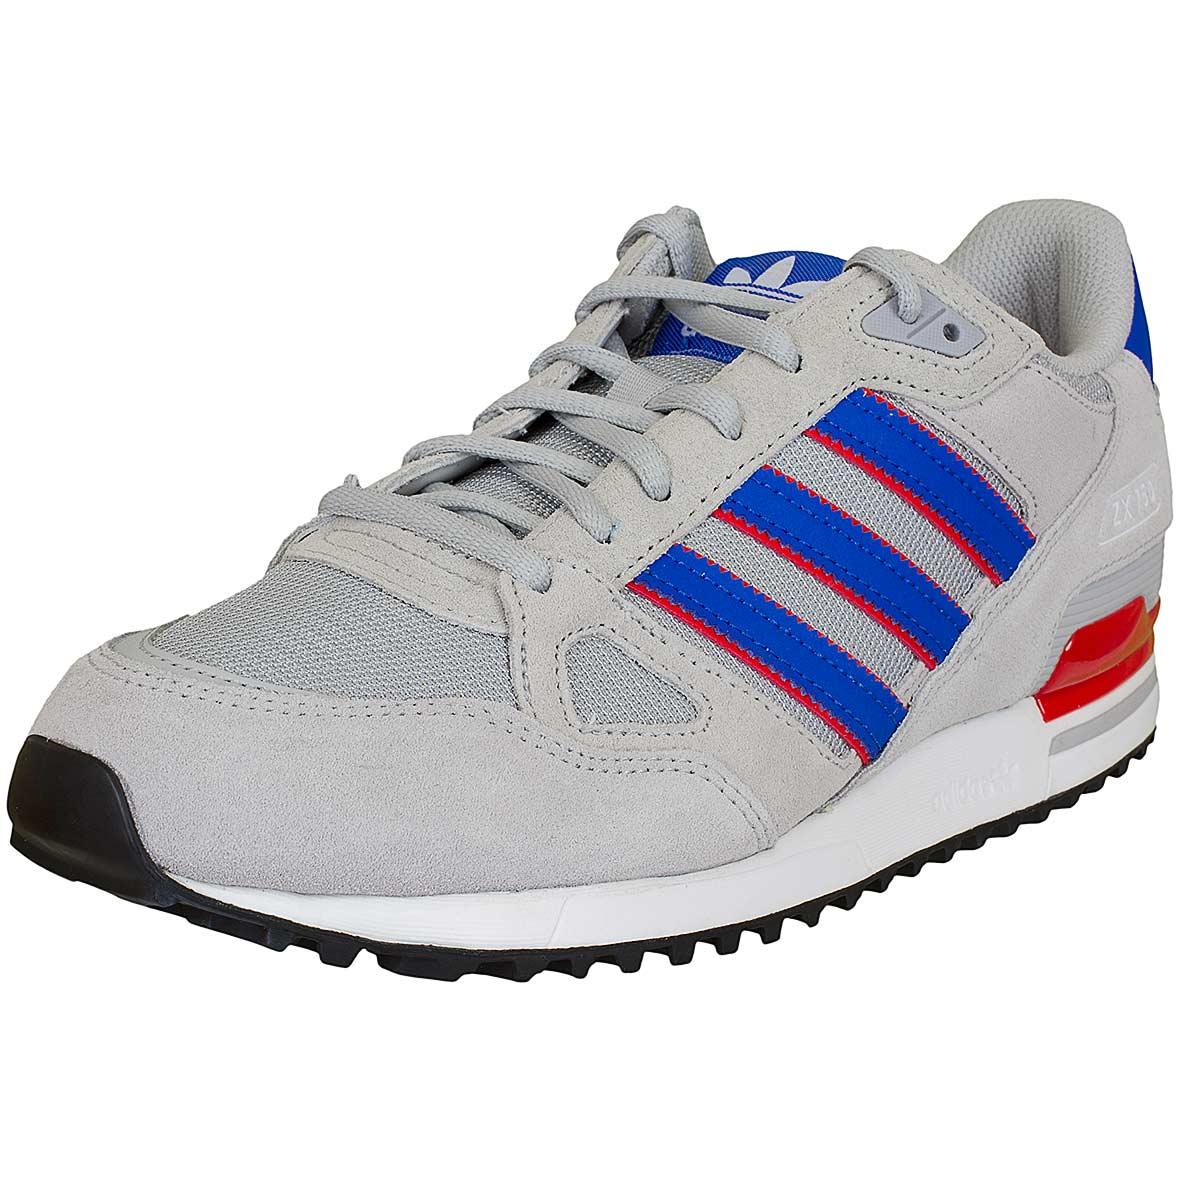 9e40f5e19346d1 ... schuhe 6f3cb 50681 norway adidas originals sneaker zx 750 grau blau  662fc a9935 clearance adidas originals herren ...